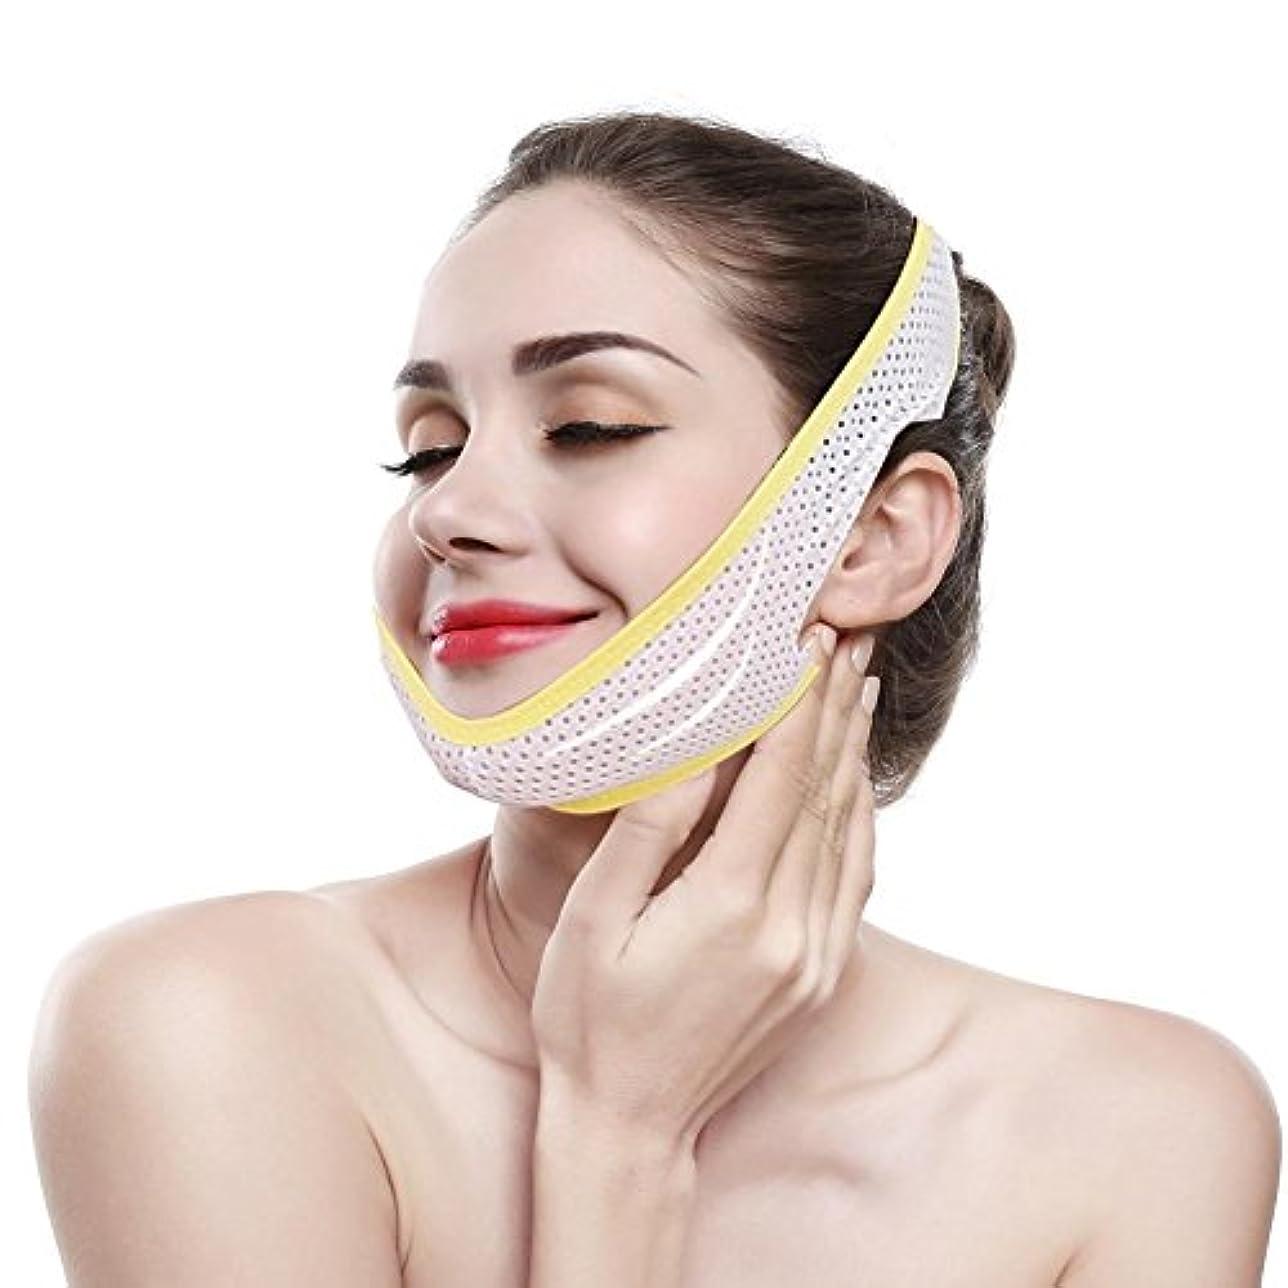 顎リフト フェイススリミング包帯 フェイスベルト 顔の包帯スリミングダブルチンVラインとフェイシャルケアファーミングスキン 女性の超薄型 フェイスマス クラインベルト スリミング製品マスク(M)